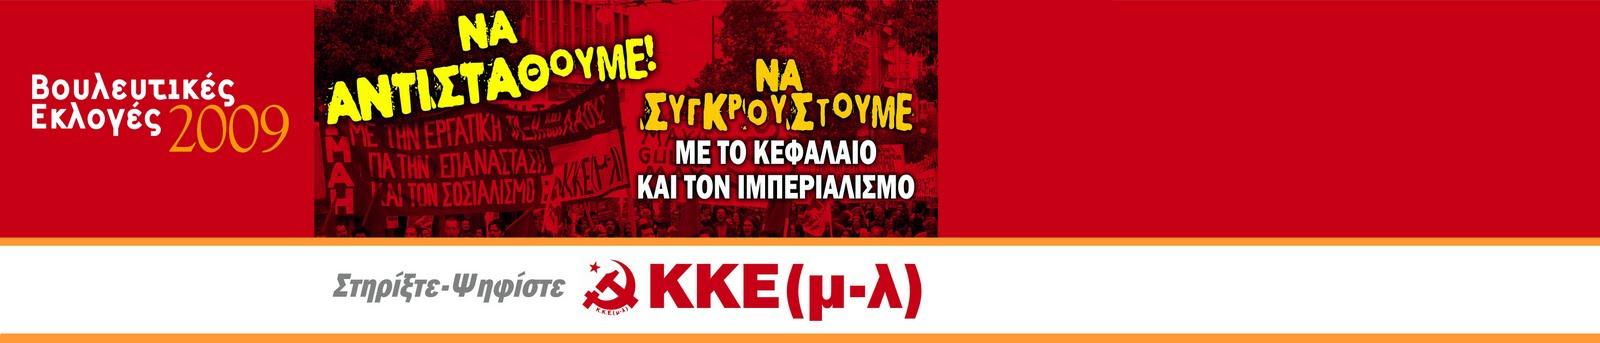 ΚΚΕ(μ-λ) - ΕΚΛΟΓΕΣ 2009